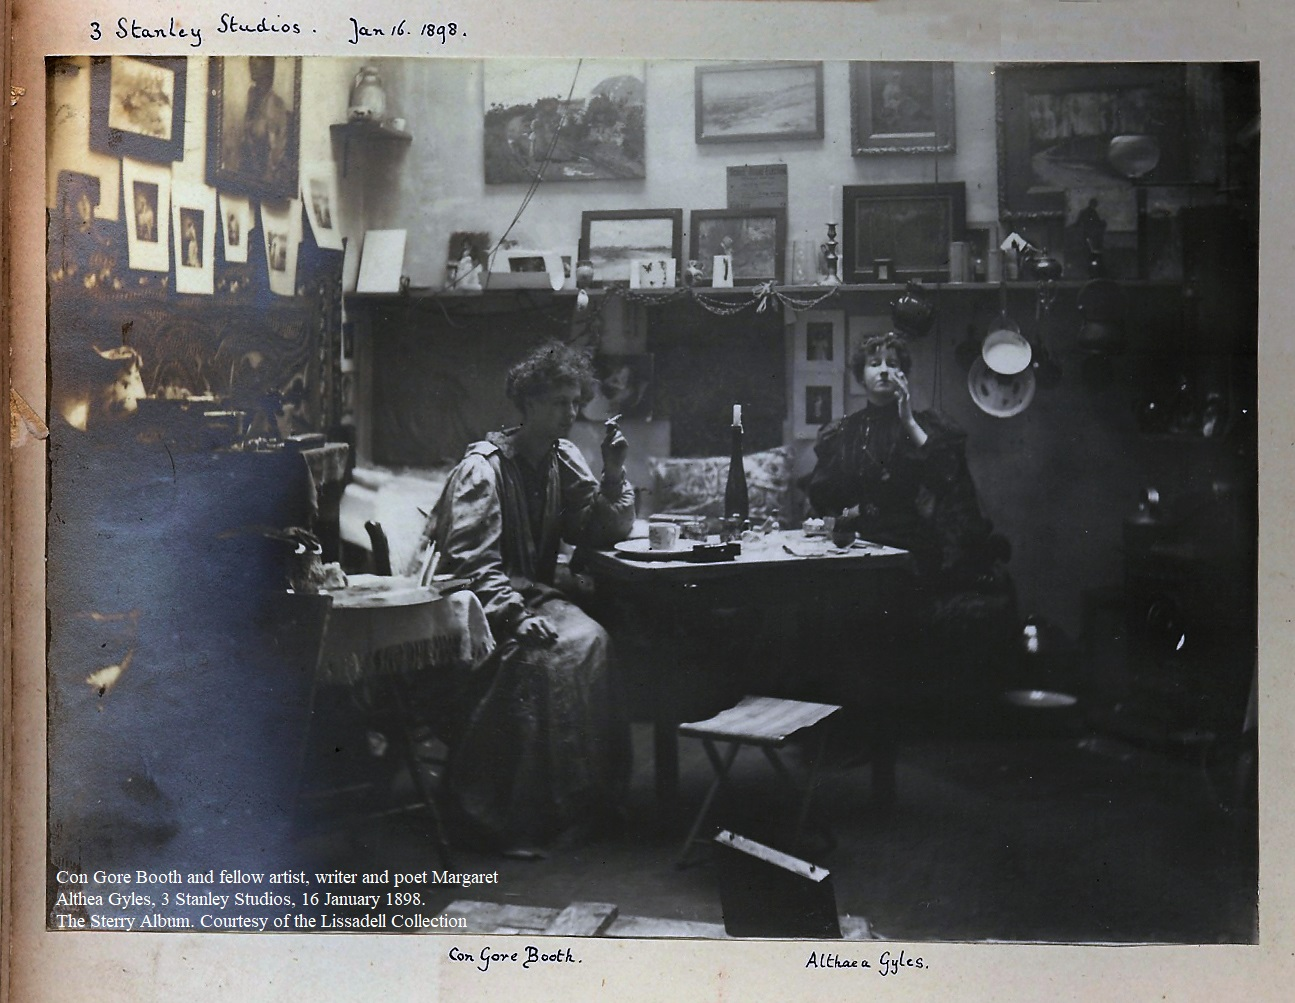 Constance Gore Booth agus a Comhealaíontóir, Comhscríbhneoir agus Comhfhile, Margaret Althea Gyles,